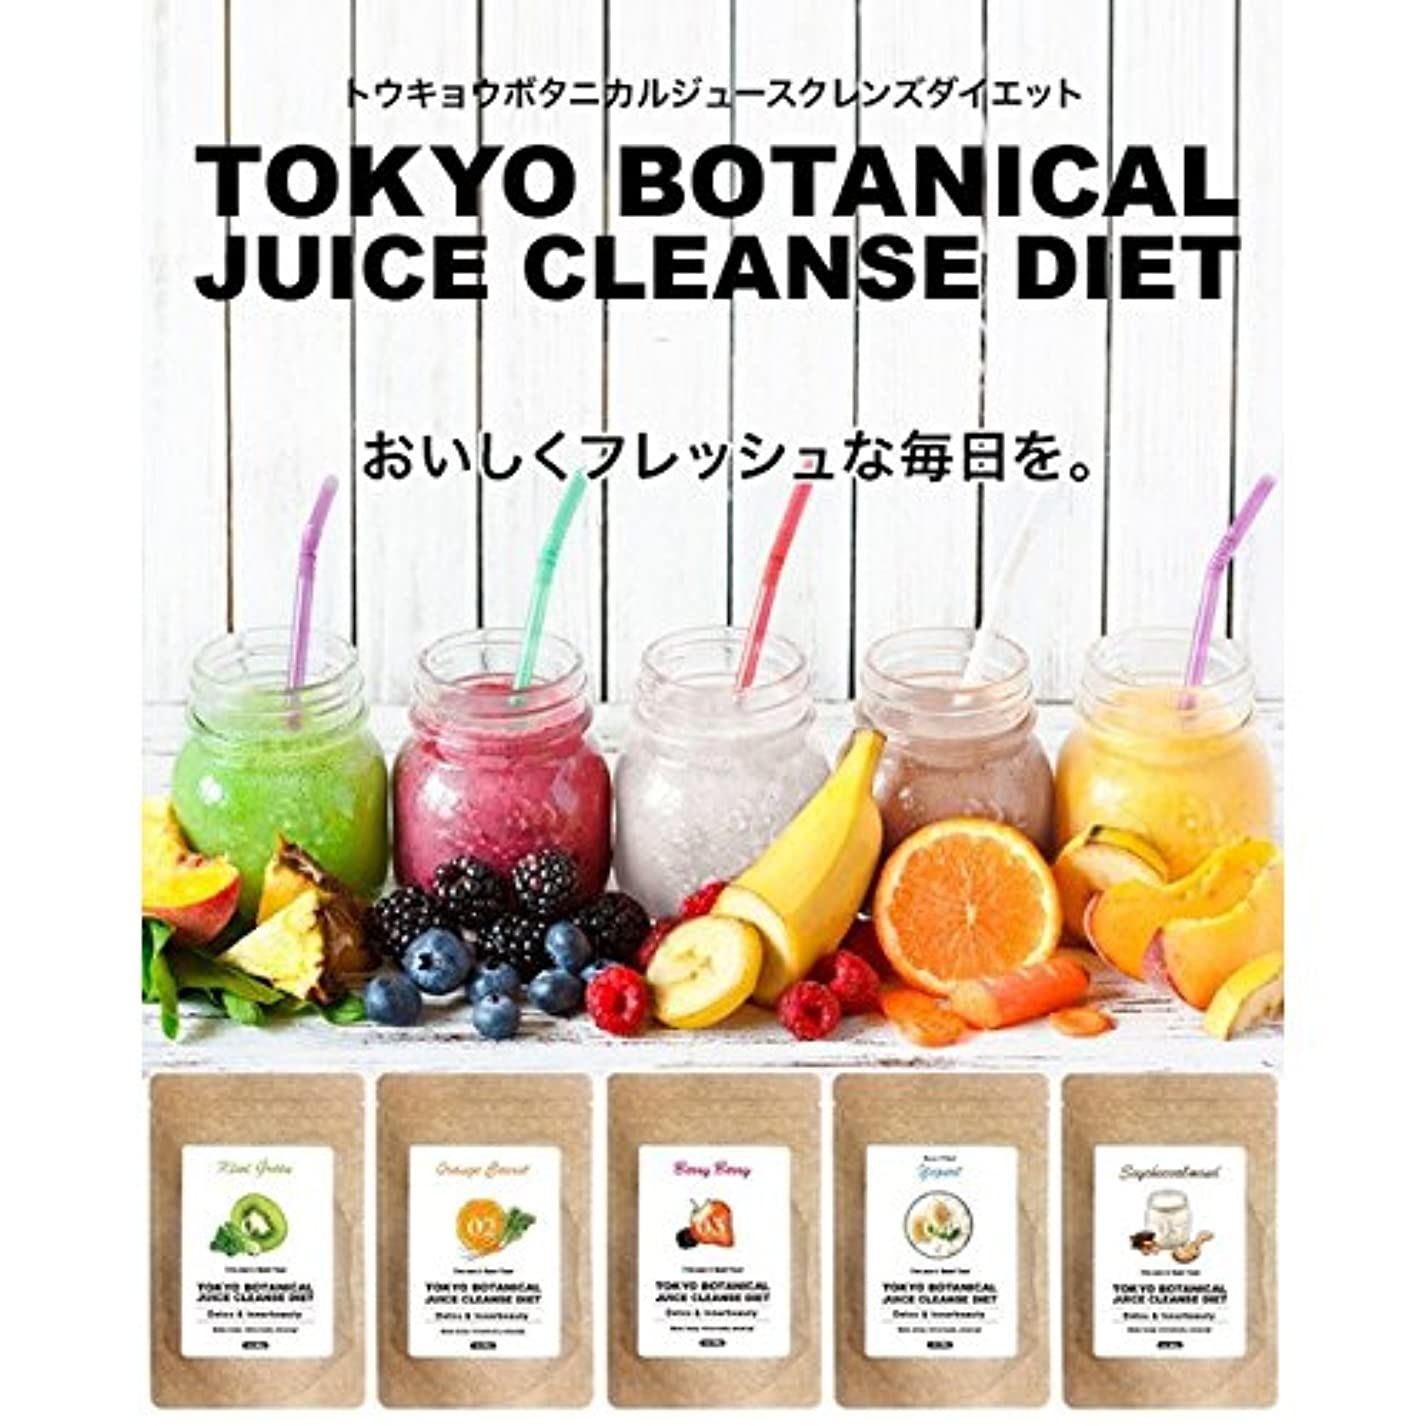 引っ張るベアリング分子東京ボタニカルジュースクレンズダイエット  キウイグリーン&ヨーグルトセット